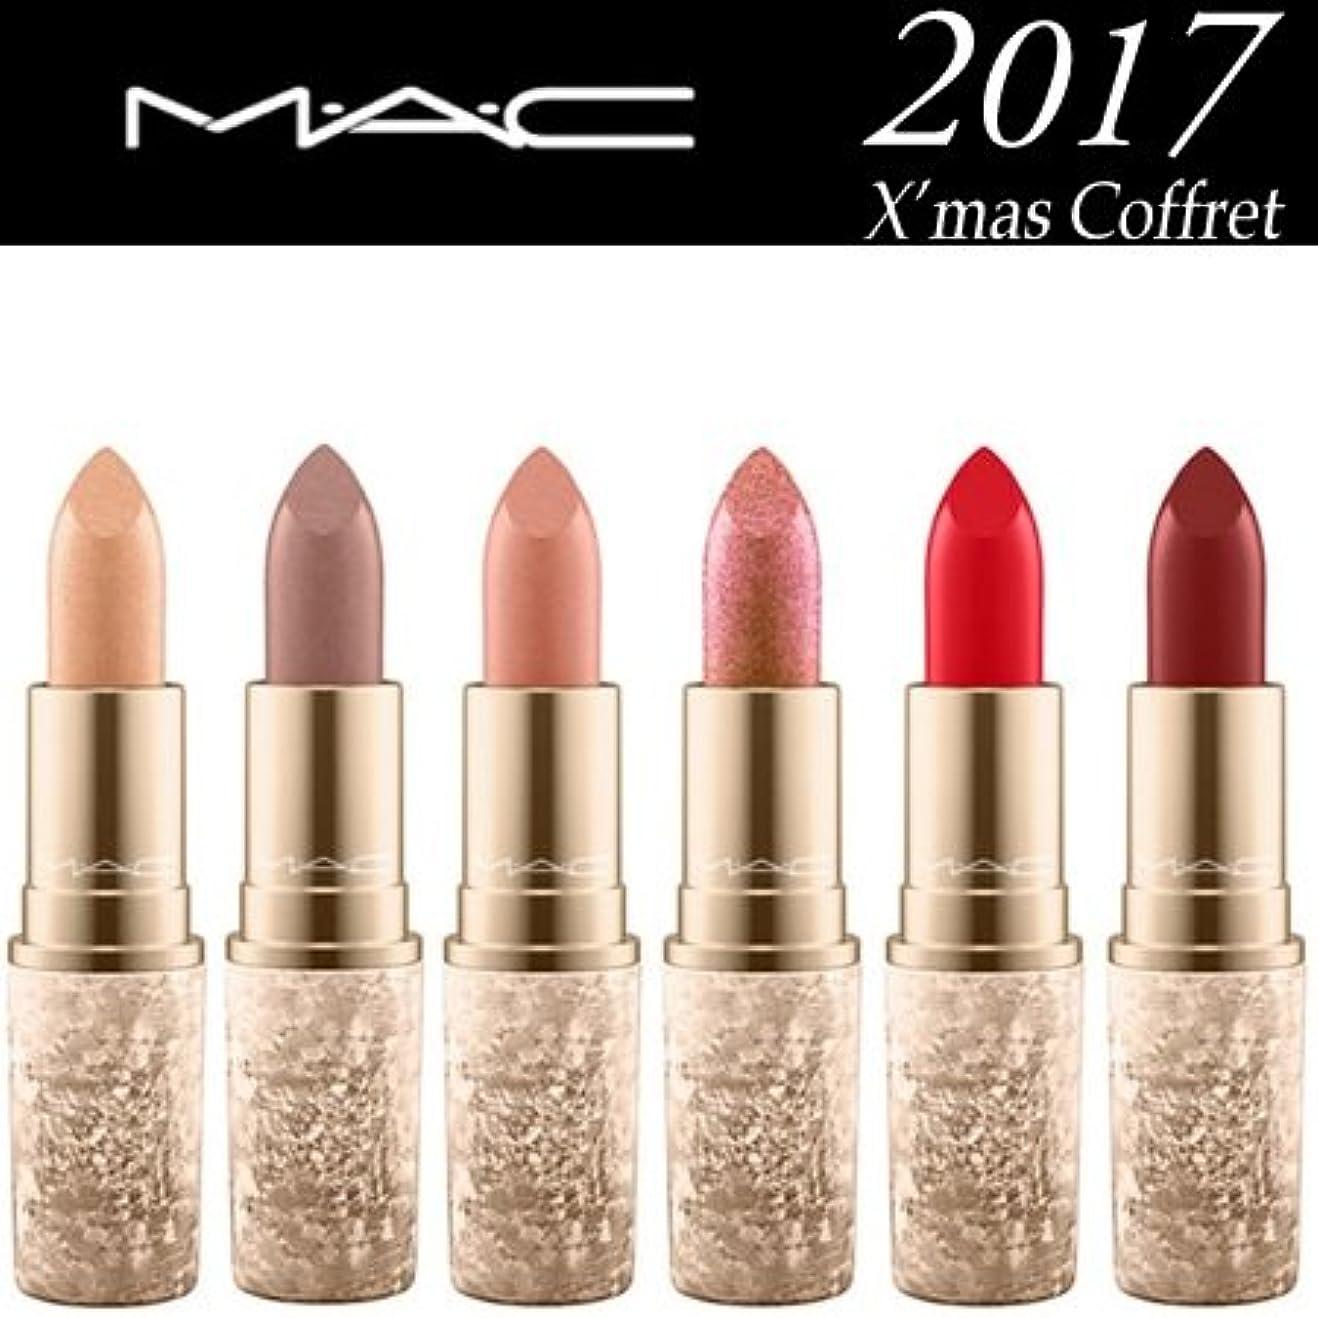 コミットピボットアウトドアマック リップスティック 選べる全6色 限定品 2017 クリスマス コフレ M?A?C -MAC- ウォームアイス